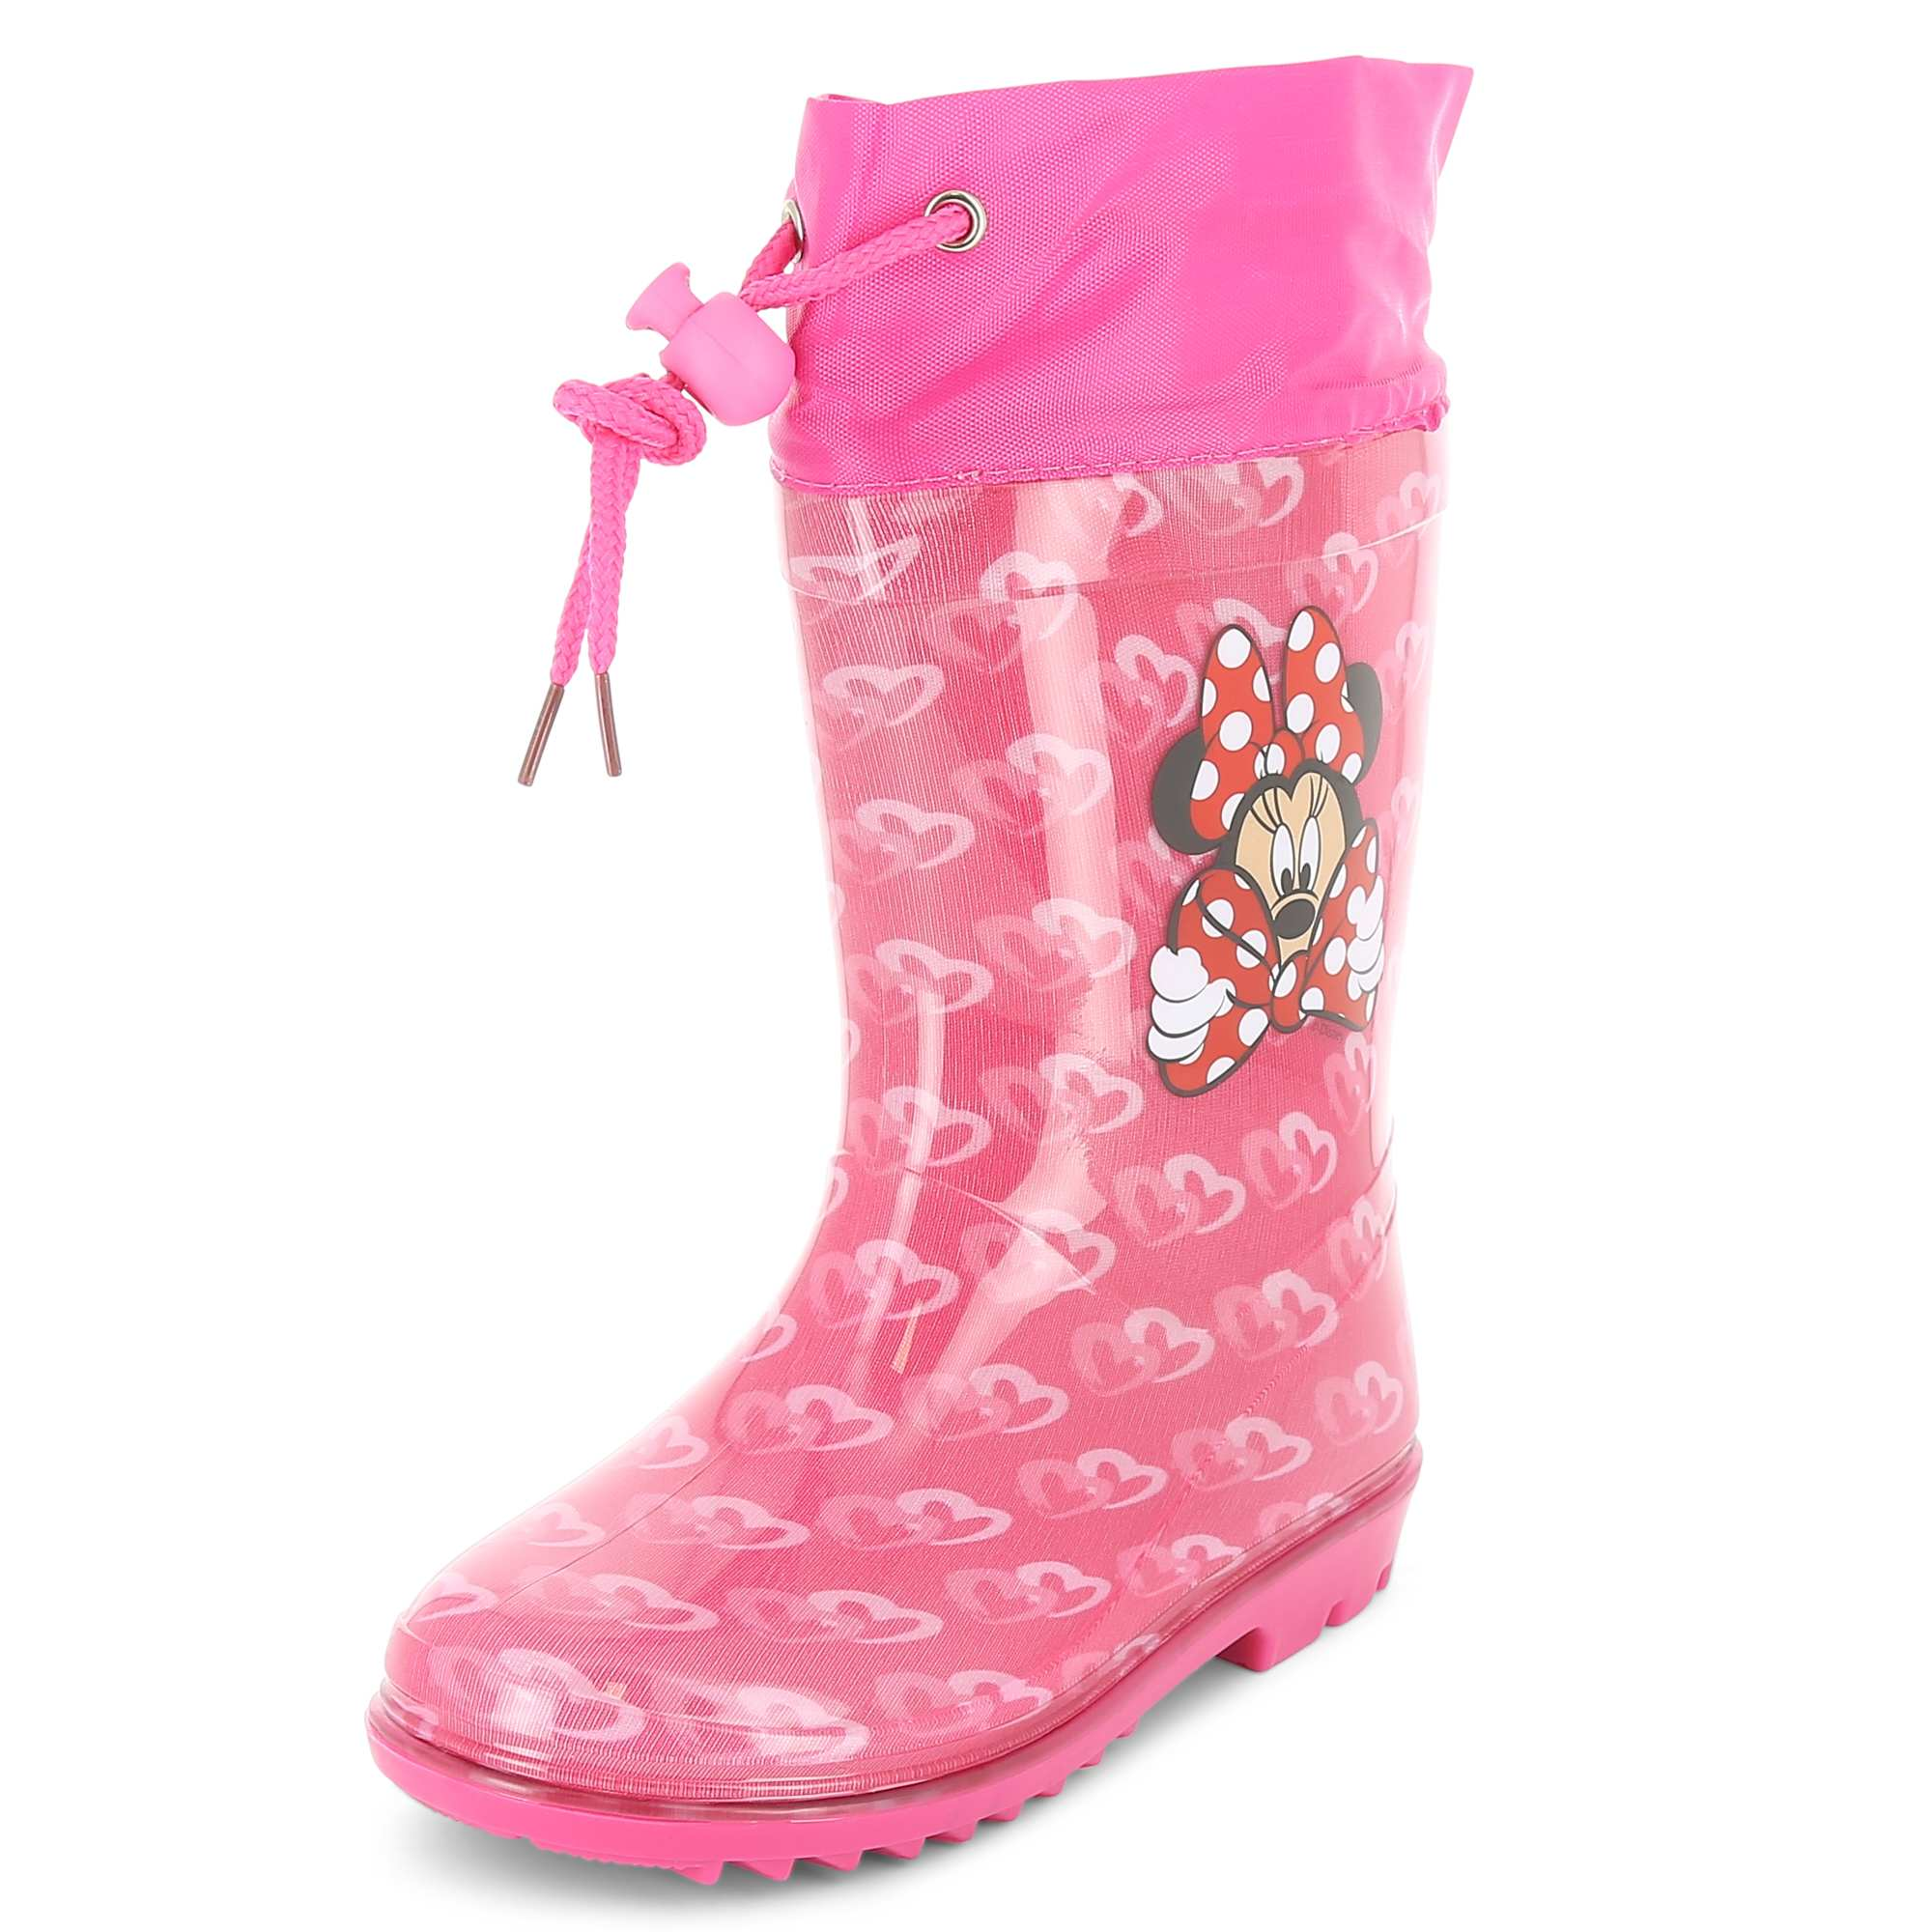 Couleur : fuchsia, rose, ,, - Taille : 32/33, 30/31, ,,Jouer dans les flaques avec 'Minnie', ça donne envie ! - Bottes de pluie en plastique